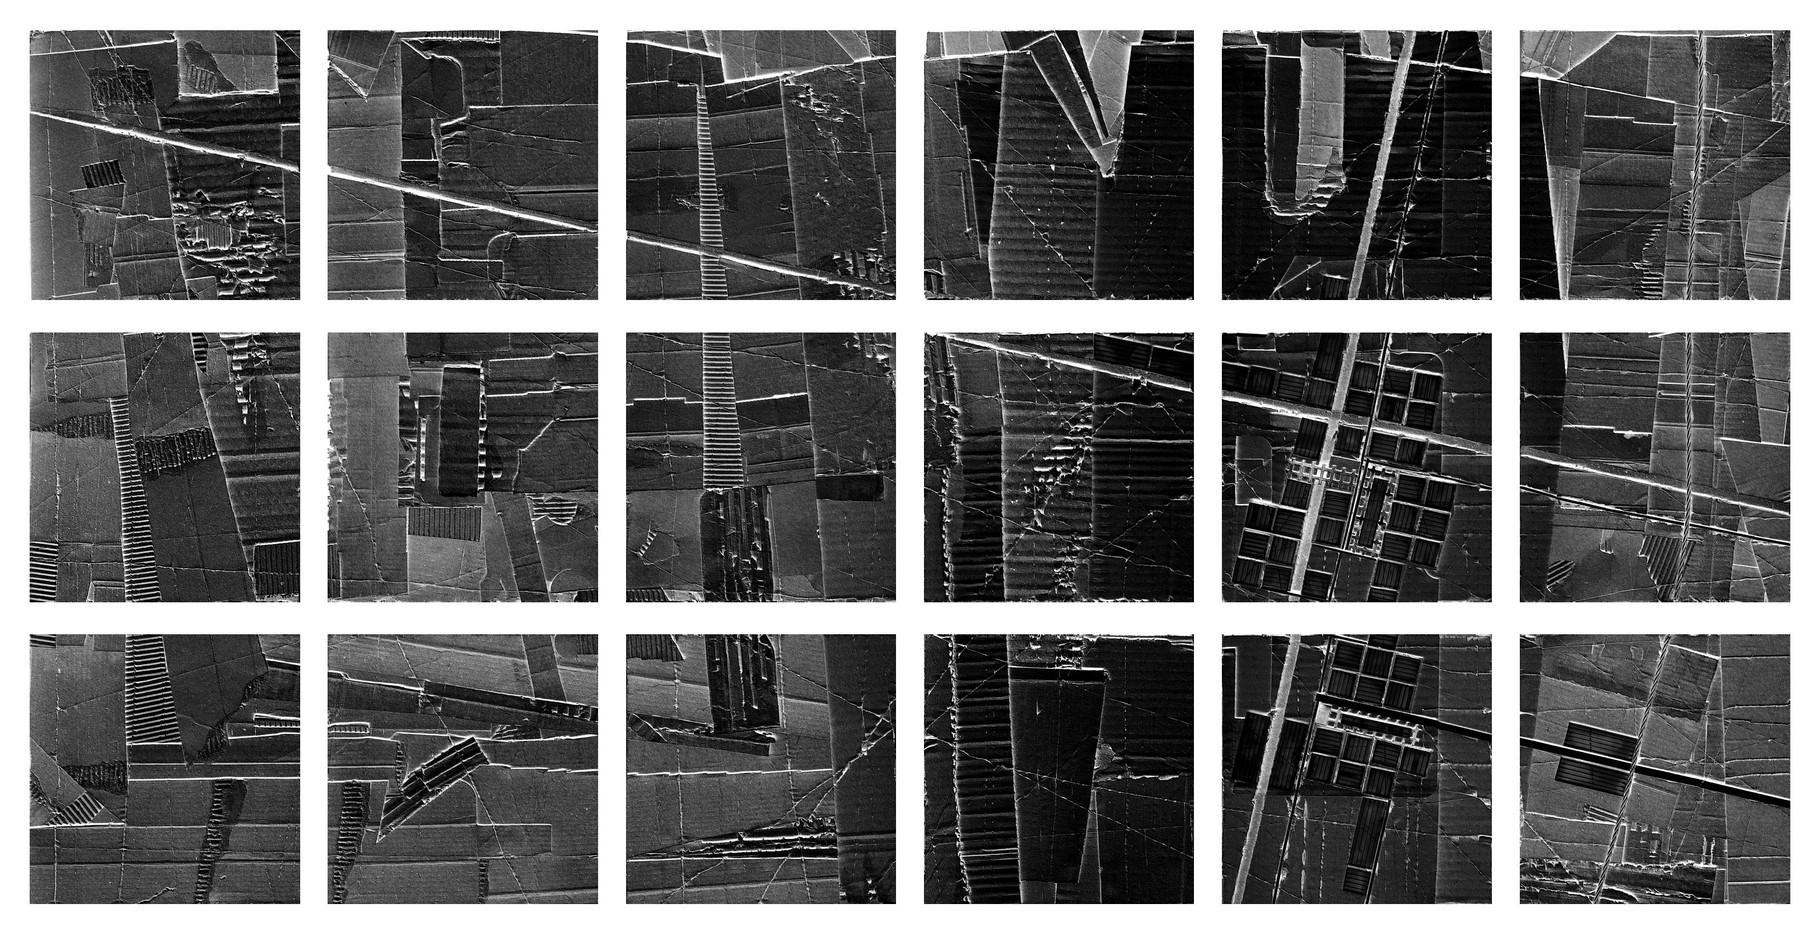 """""""urbanaurea: sito A - mondografite"""" / AD012-02b / formati: originale [o] cm 150 x 75 - riproduzione ridotta [r] cm 92 x 43"""